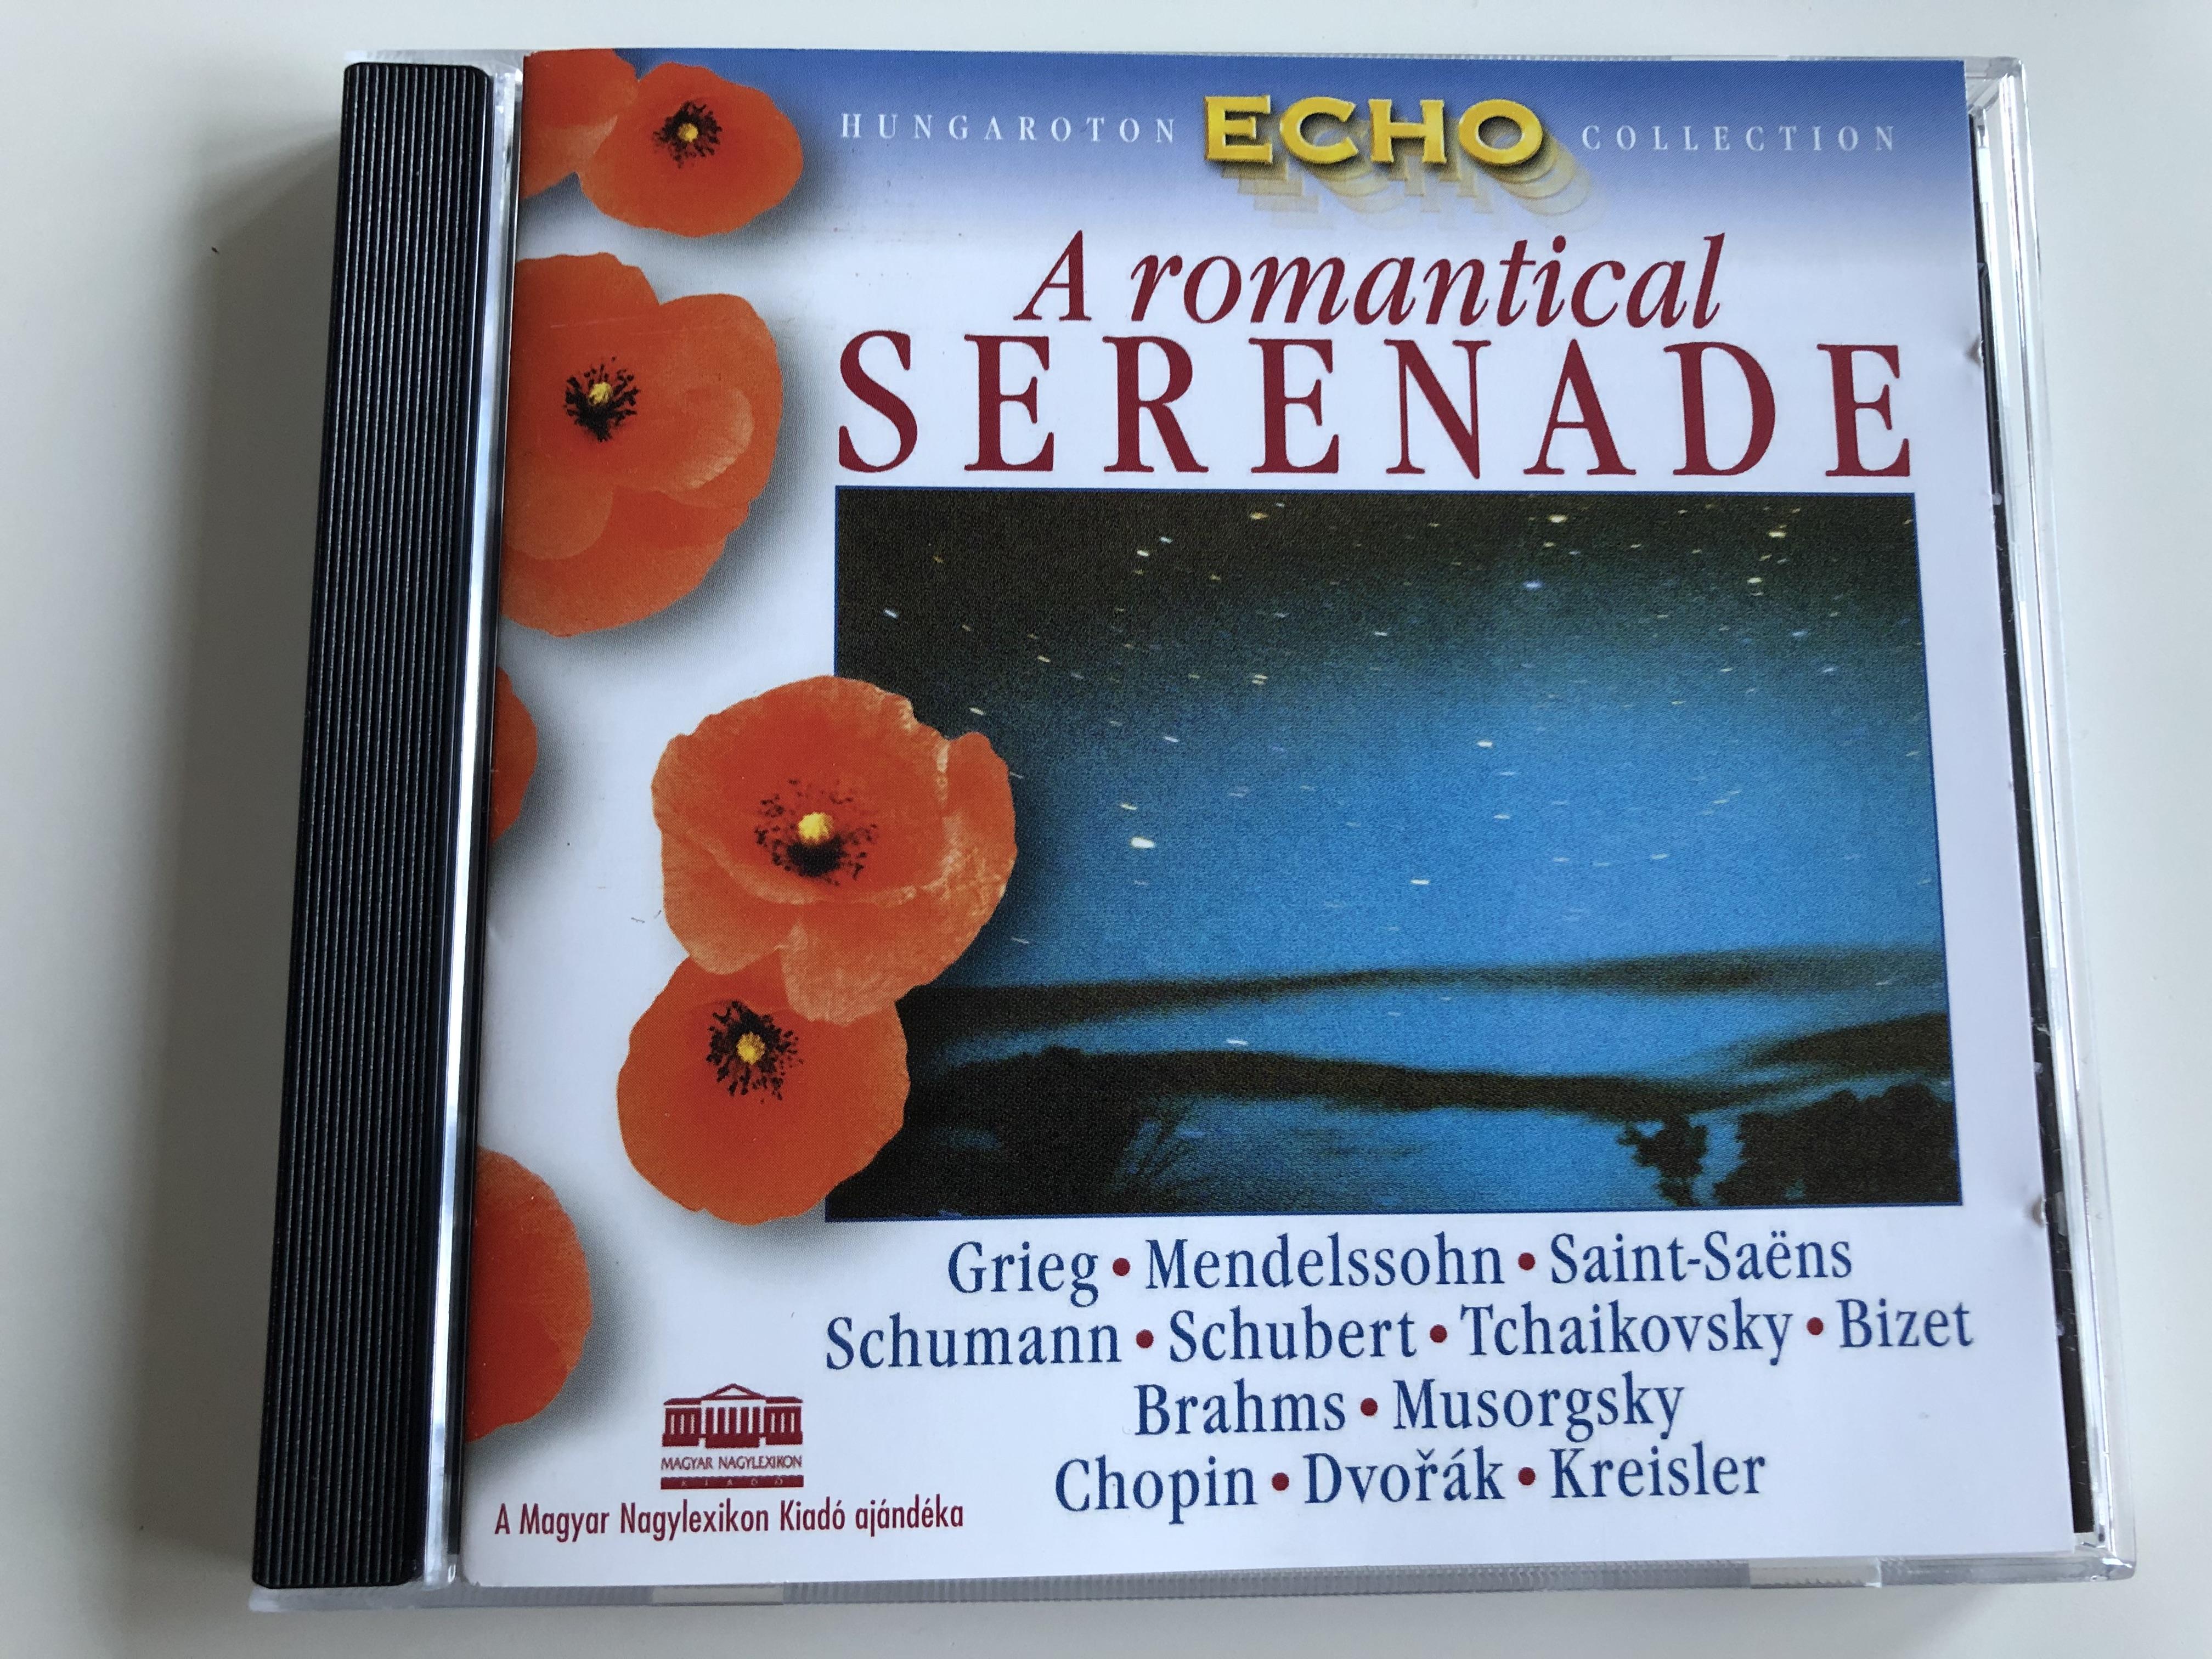 a-romantical-serenade-grieg-mendelssohn-saint-saens-schumann-schubert-tchaikovsky-bizet-brahms-musorgsky-chopin-dvorak-kreisler-hungaroton-audio-cd-1999-stereo-hrc-1038-1-.jpg